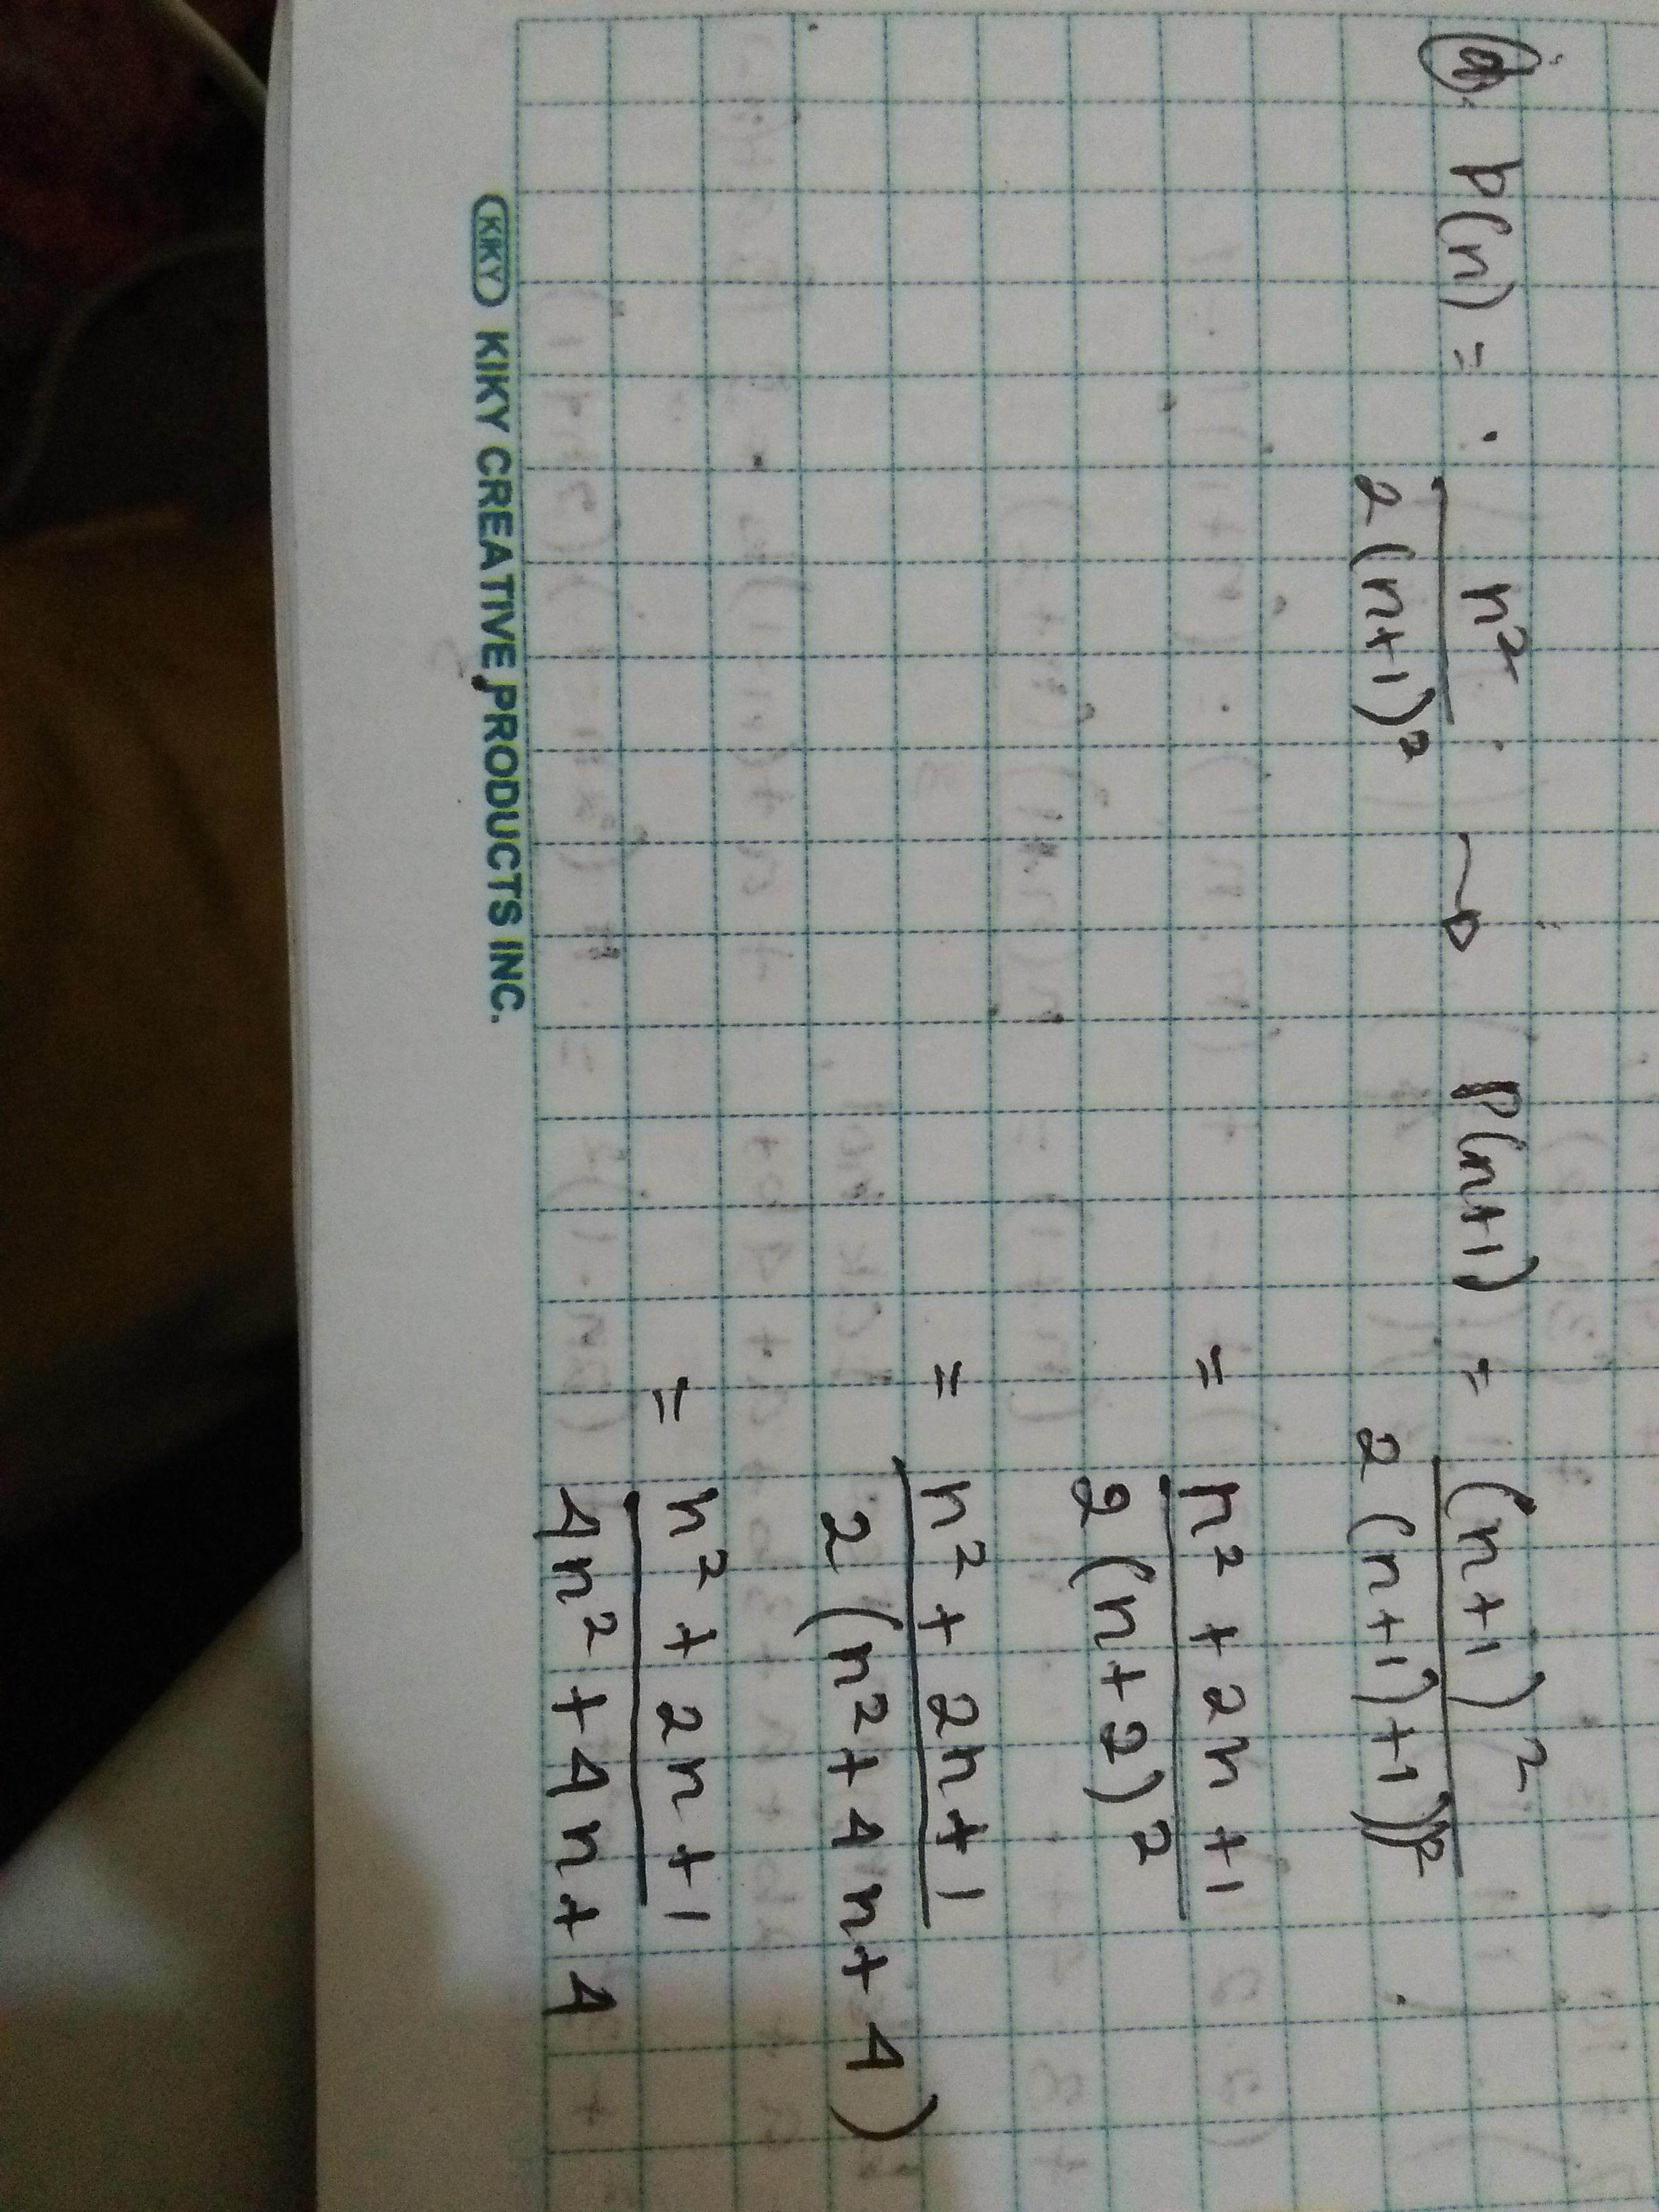 Contoh Soal Induksi Matematika Kelas 11 Kurikulum 2013 Brainly